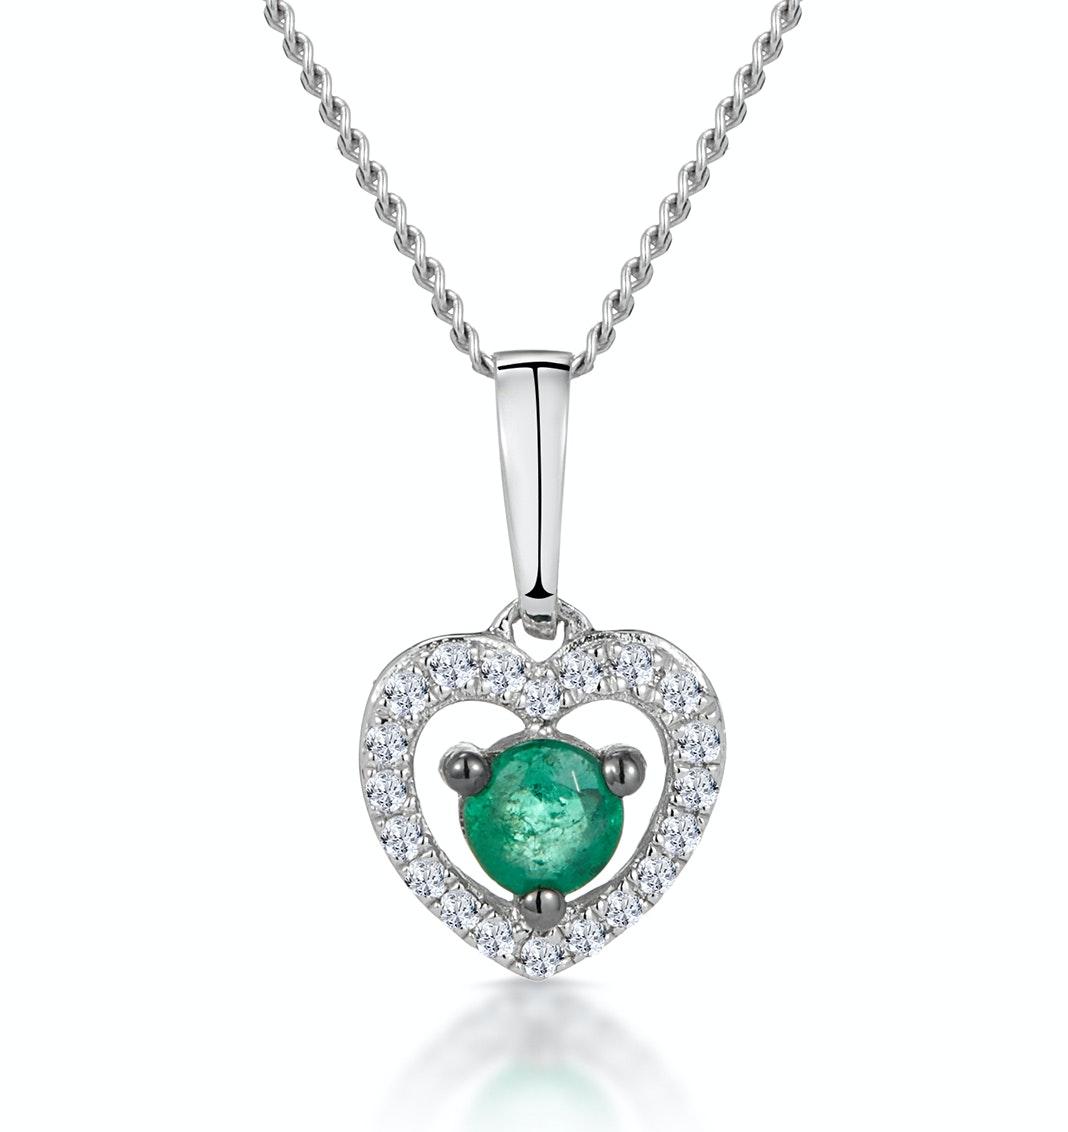 Stellato Emerald and Diamond Heart Necklace in 9K White Gold